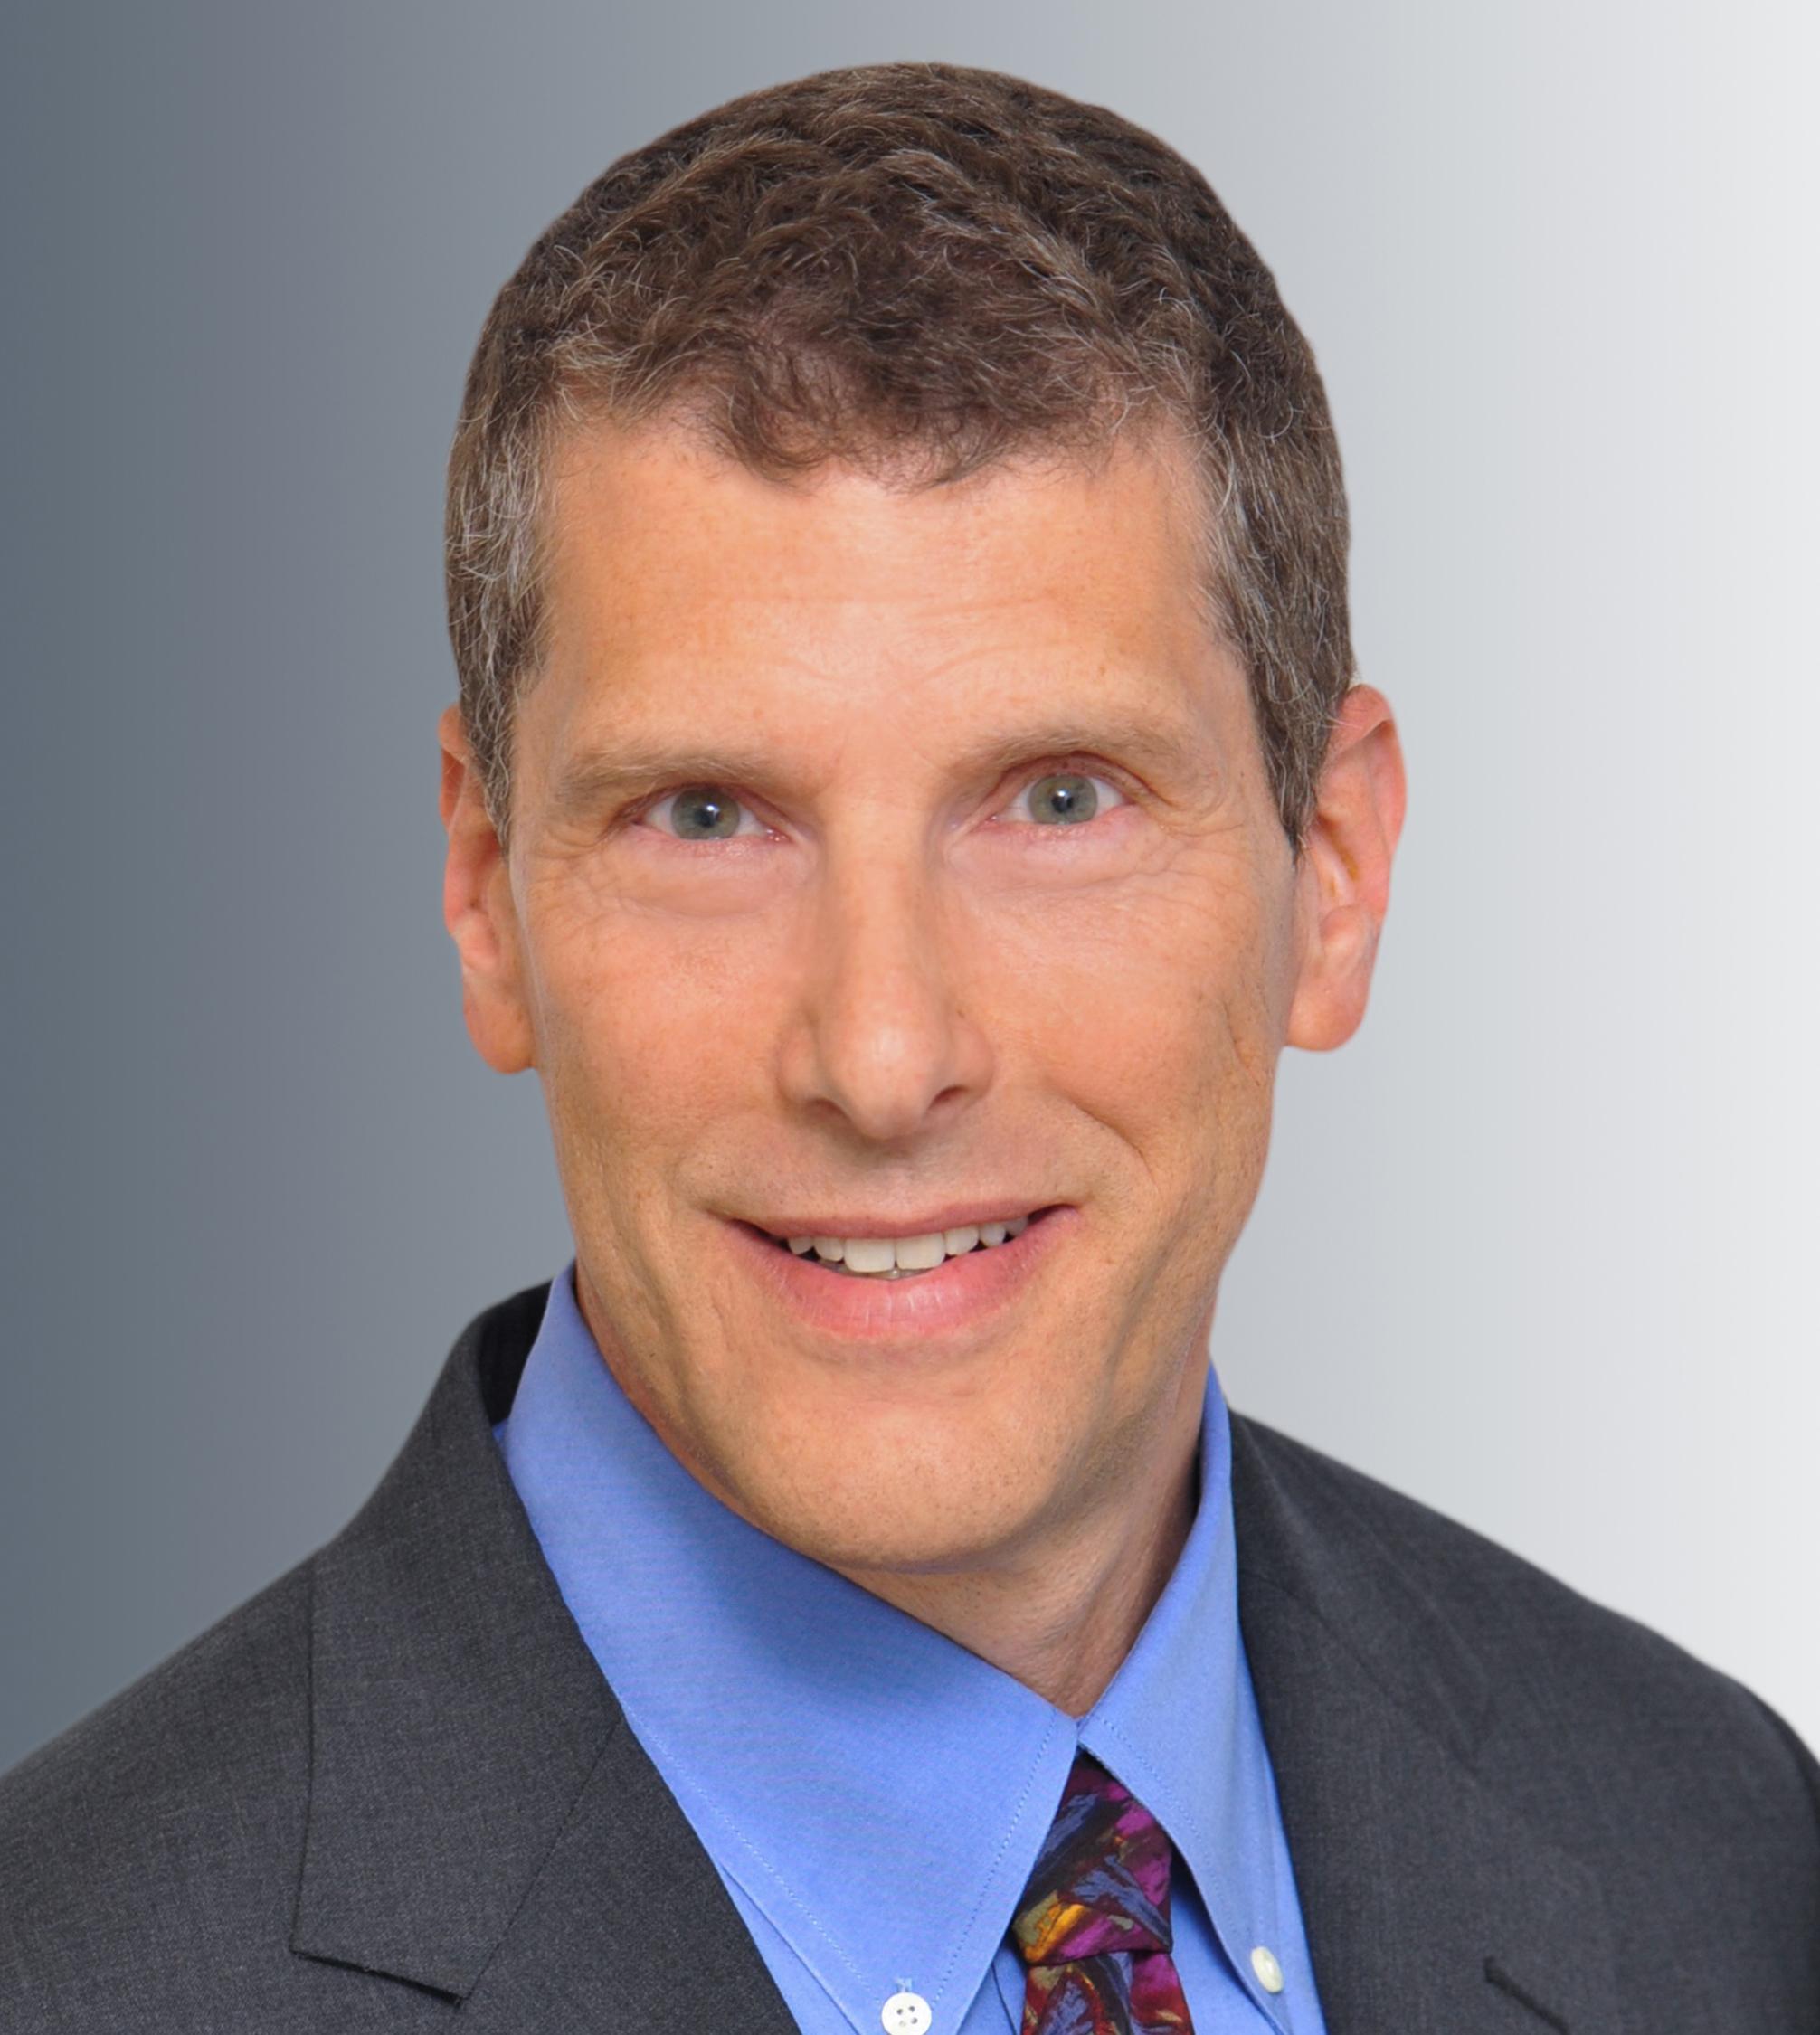 Paul Weiss Net Worth